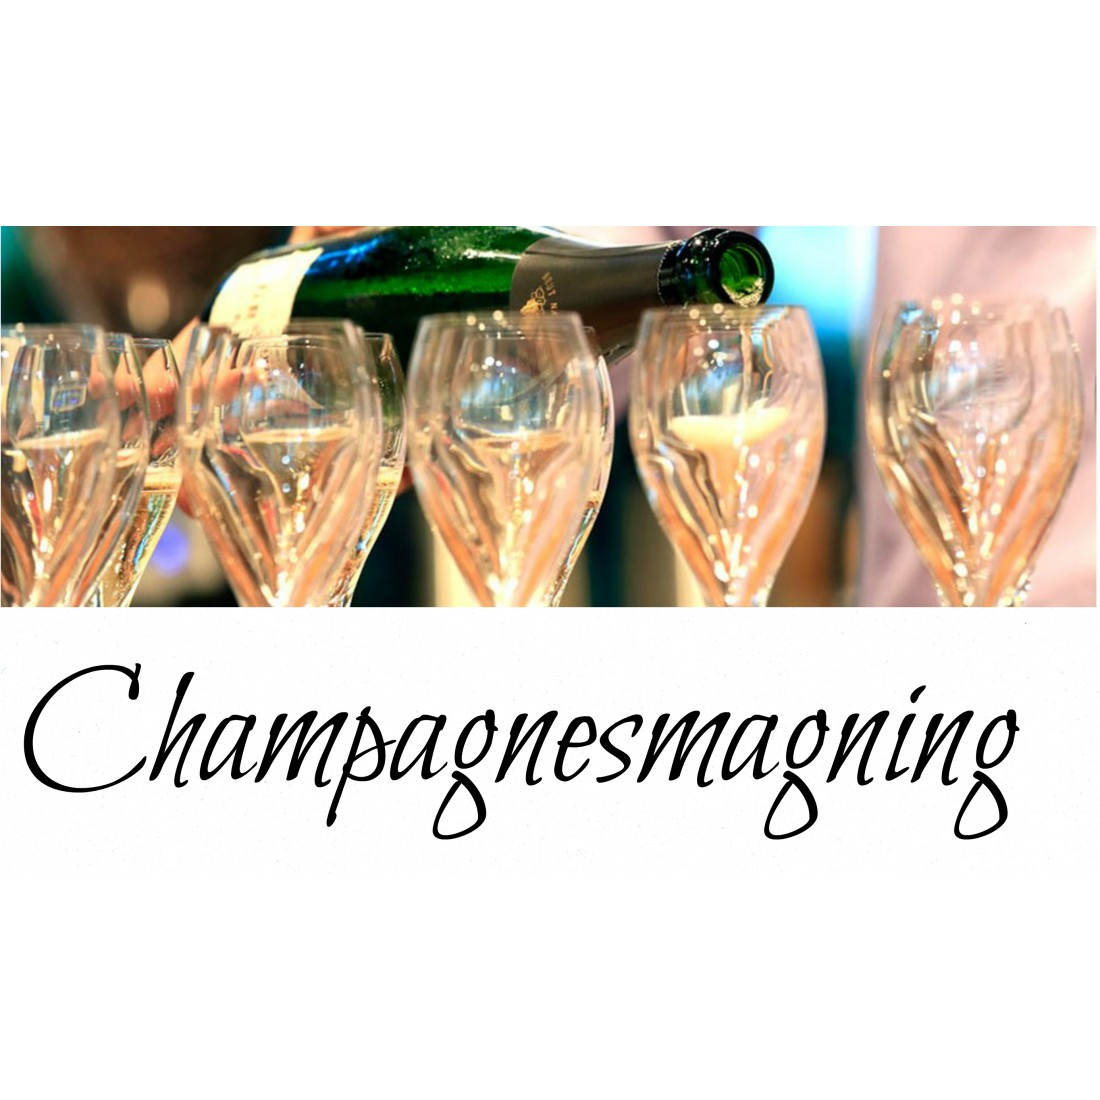 Champagnesmagning i Århus lørdag den 14 september kl. 17.00-31